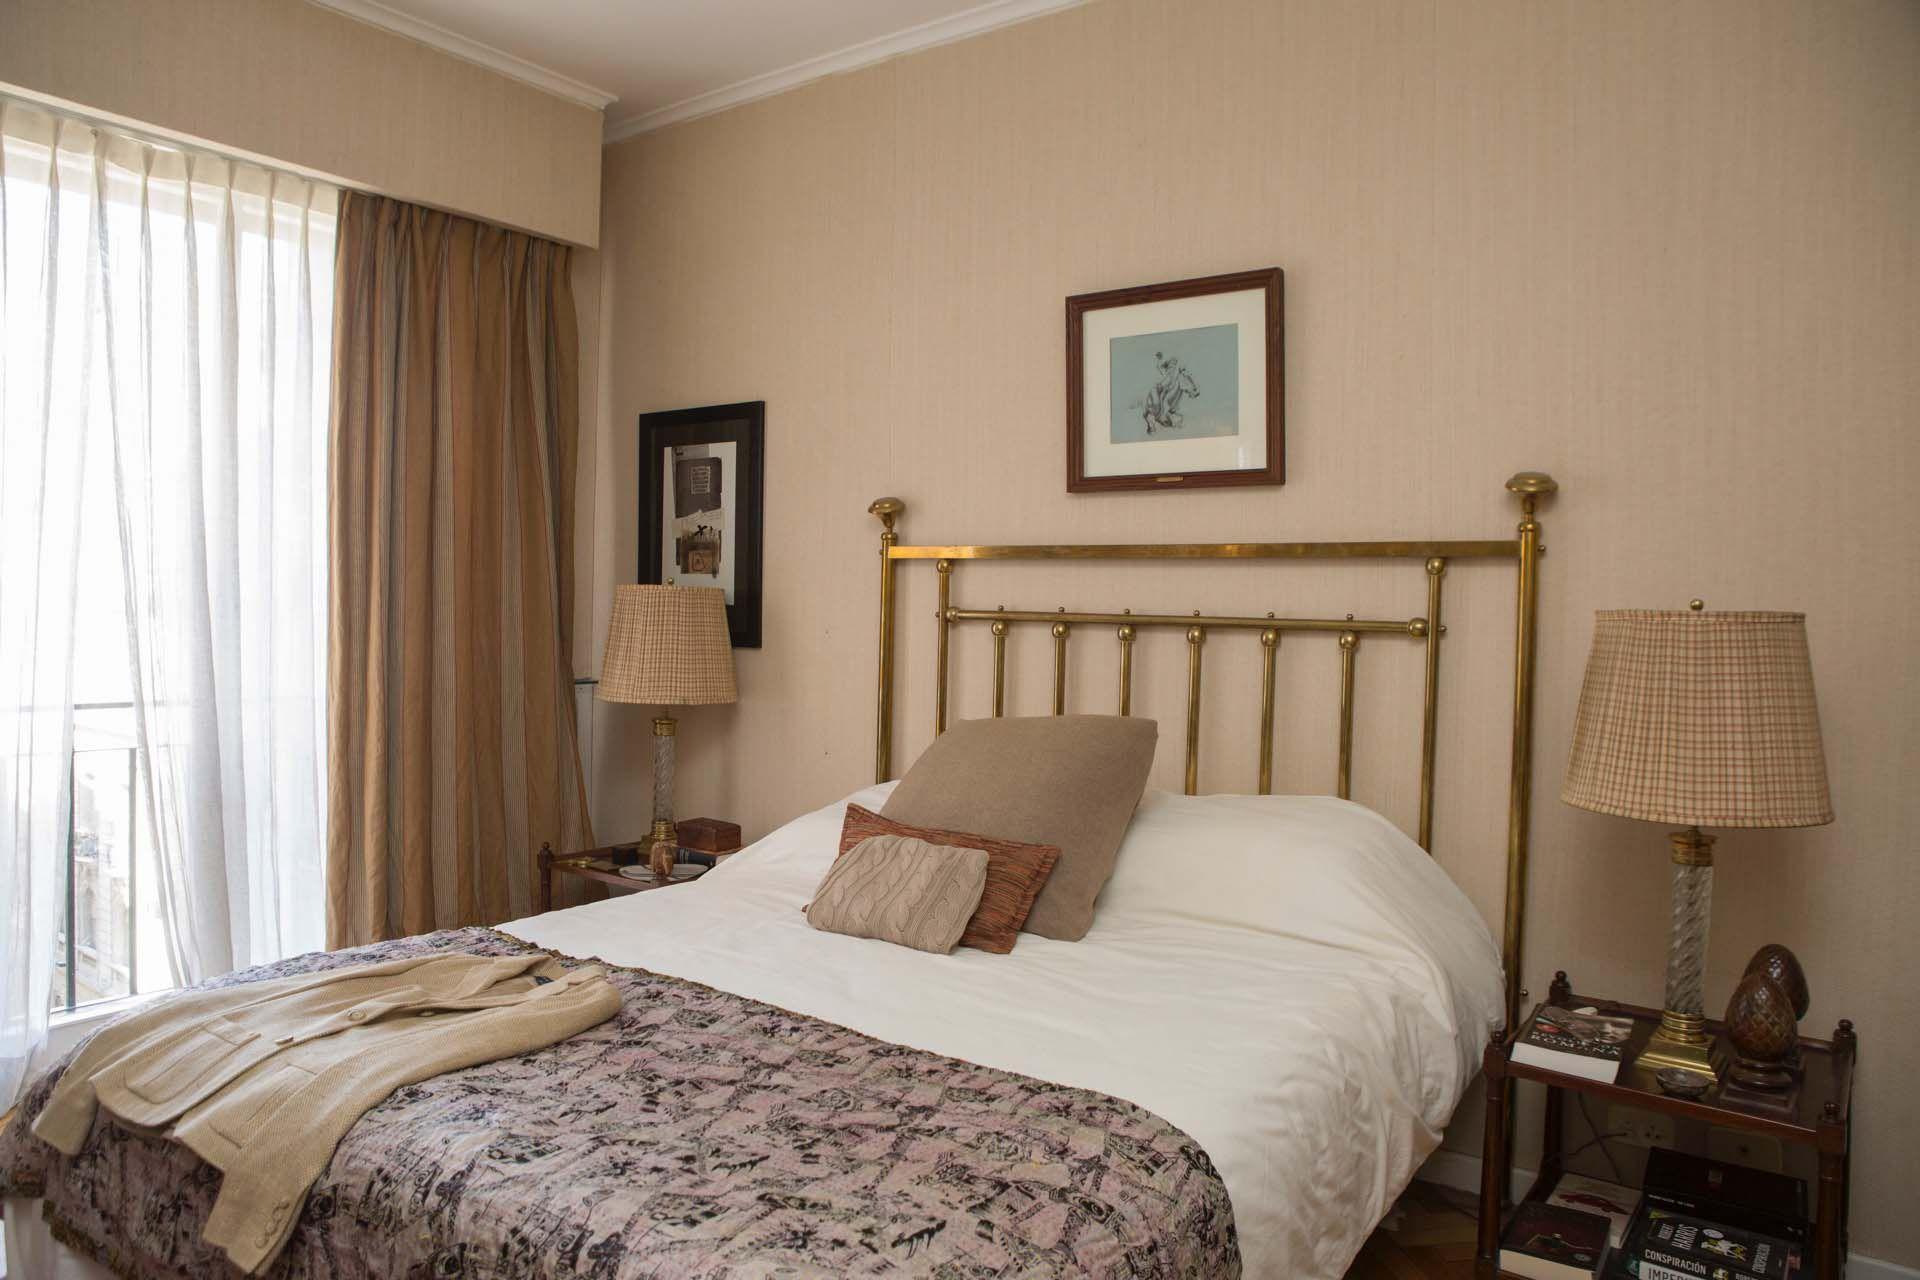 De corte más clásico, el dormitorio principal prefire la elegancia del bronce y la madera de caoba.